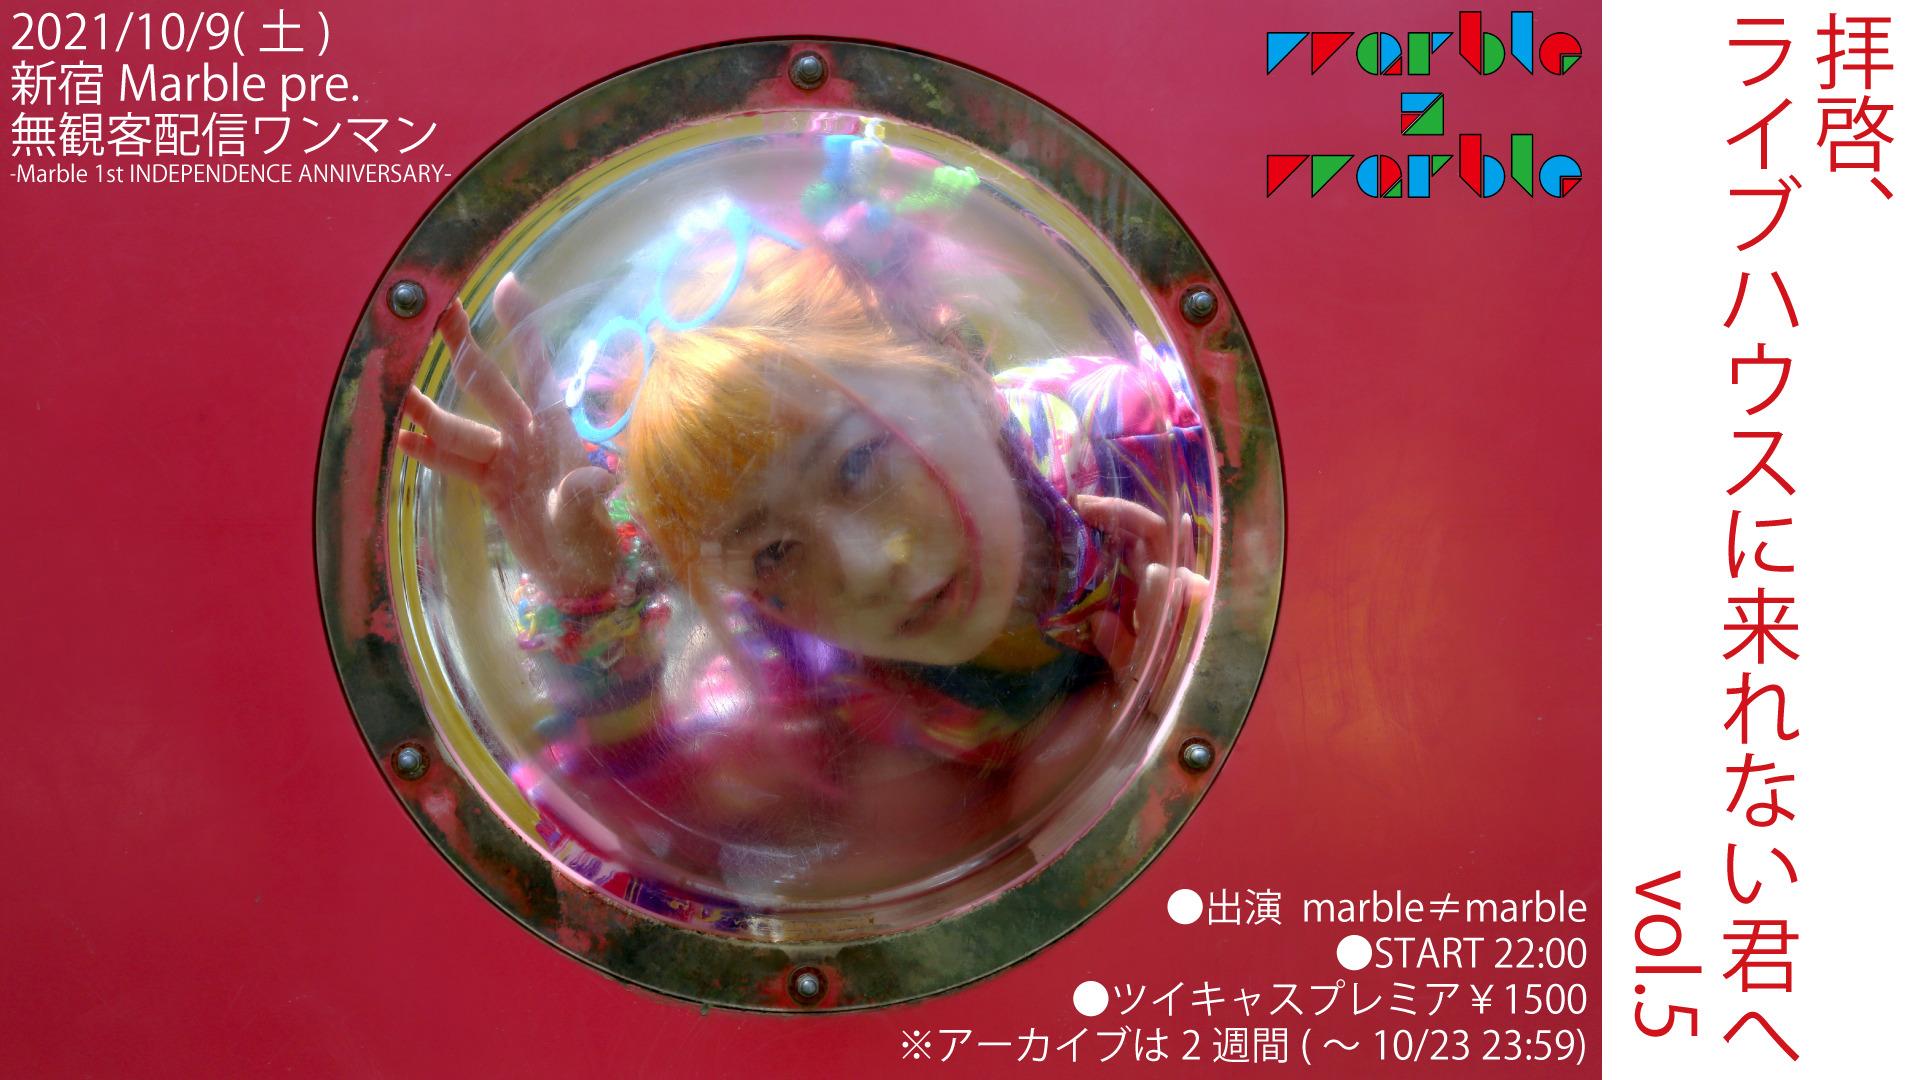 新宿Marble pre. 無観客配信ワンマン 「拝啓、ライブハウスに来れない君へ vol.5」